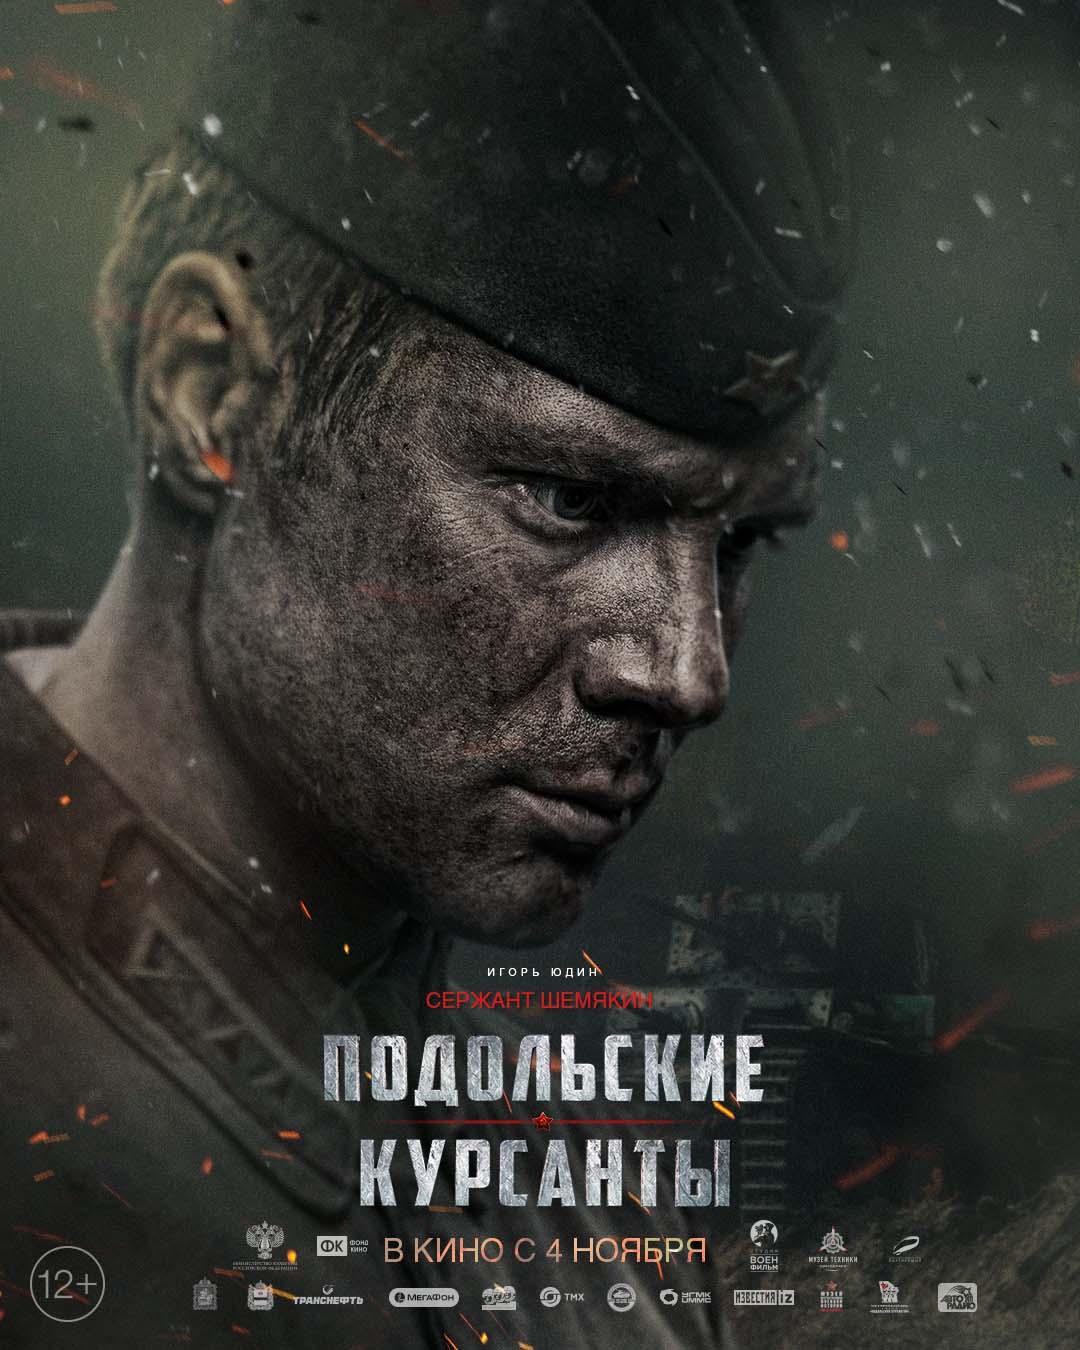 Подольские курсанты 2020 Персонажный постер 9